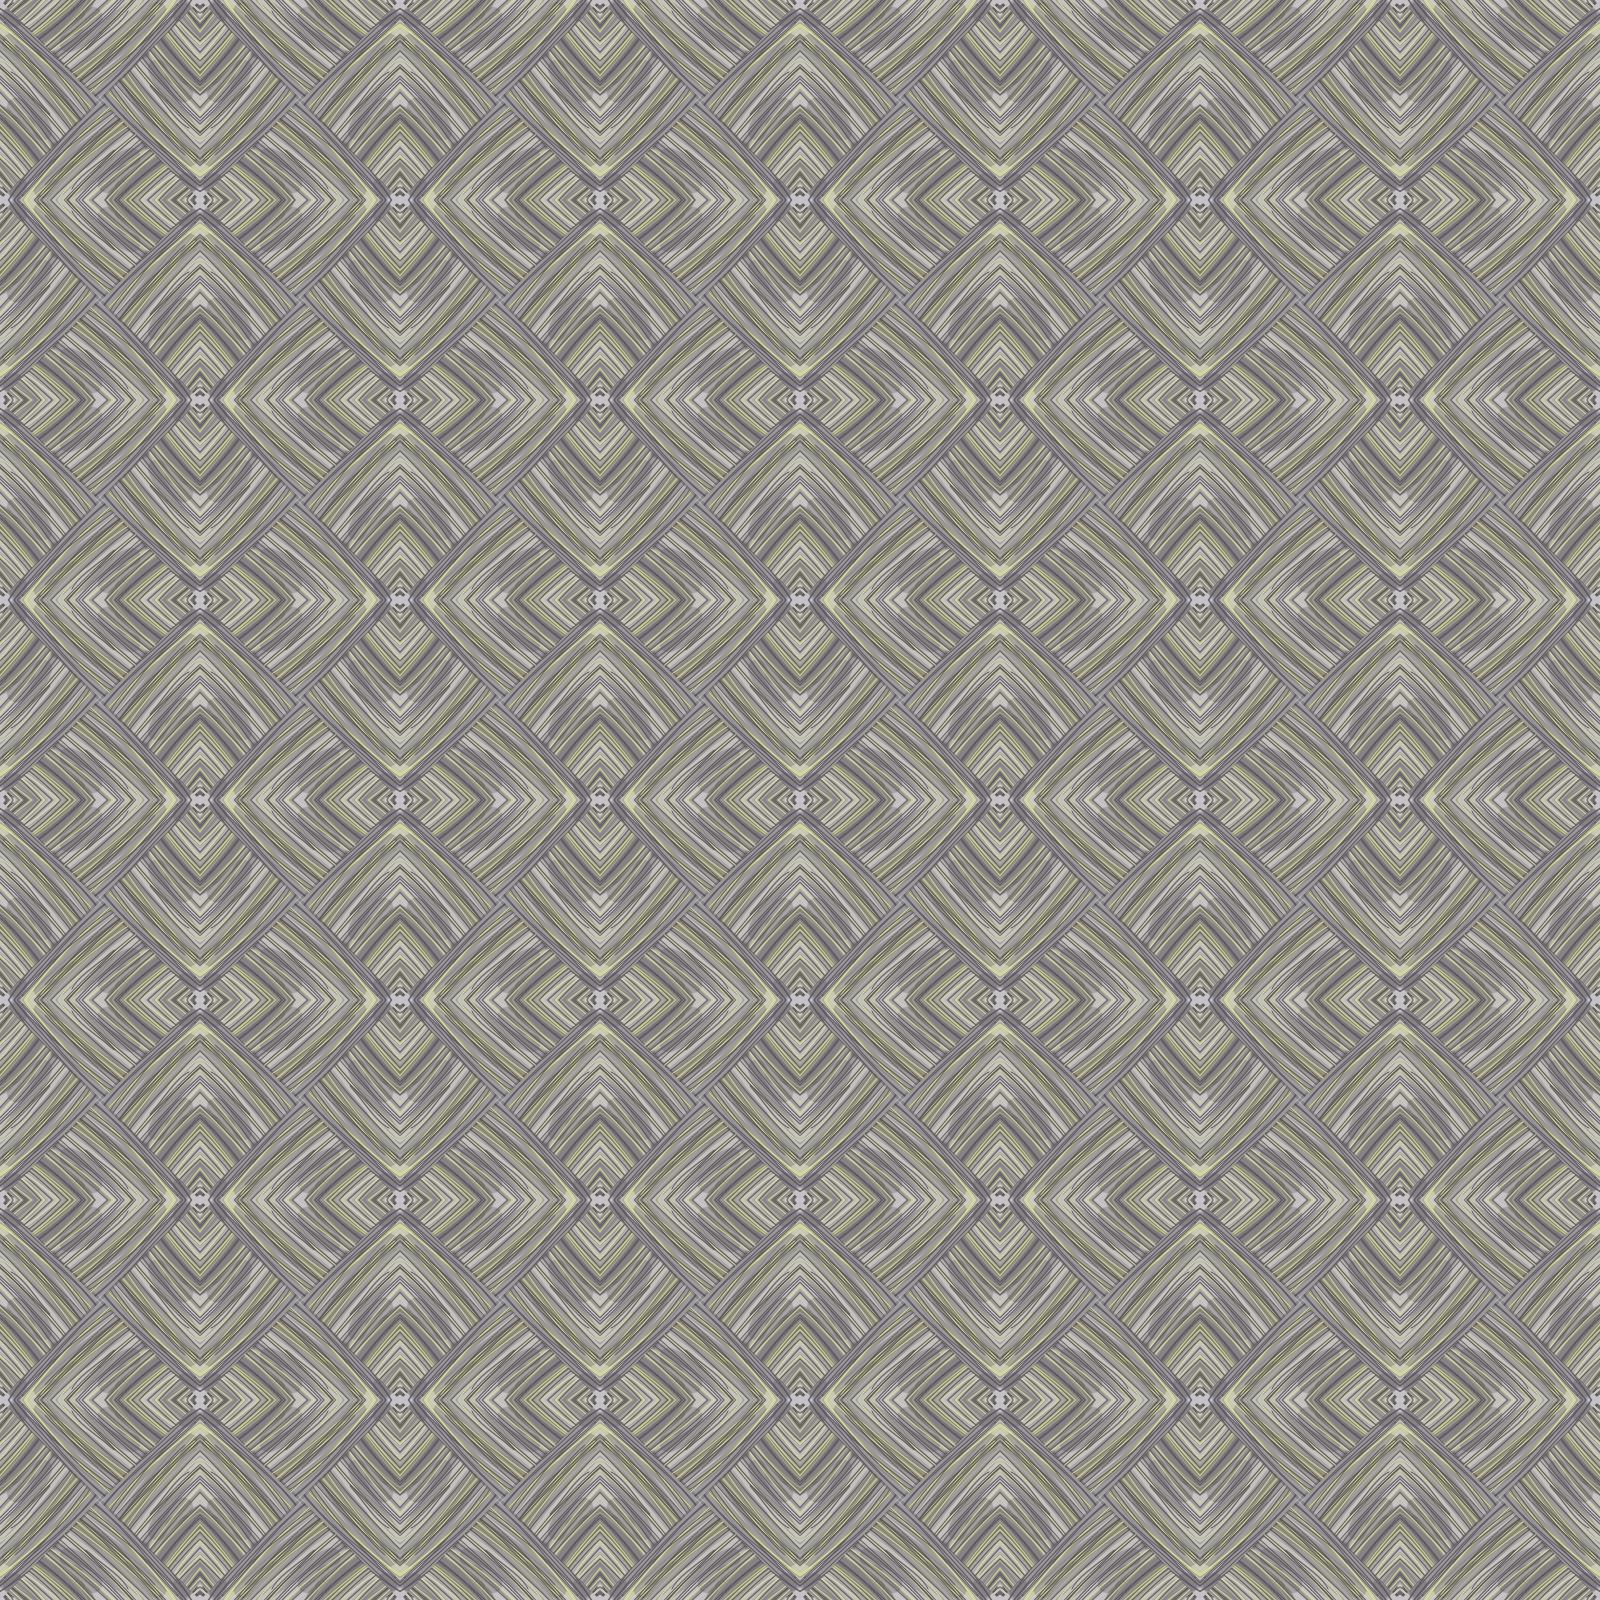 192_tiled